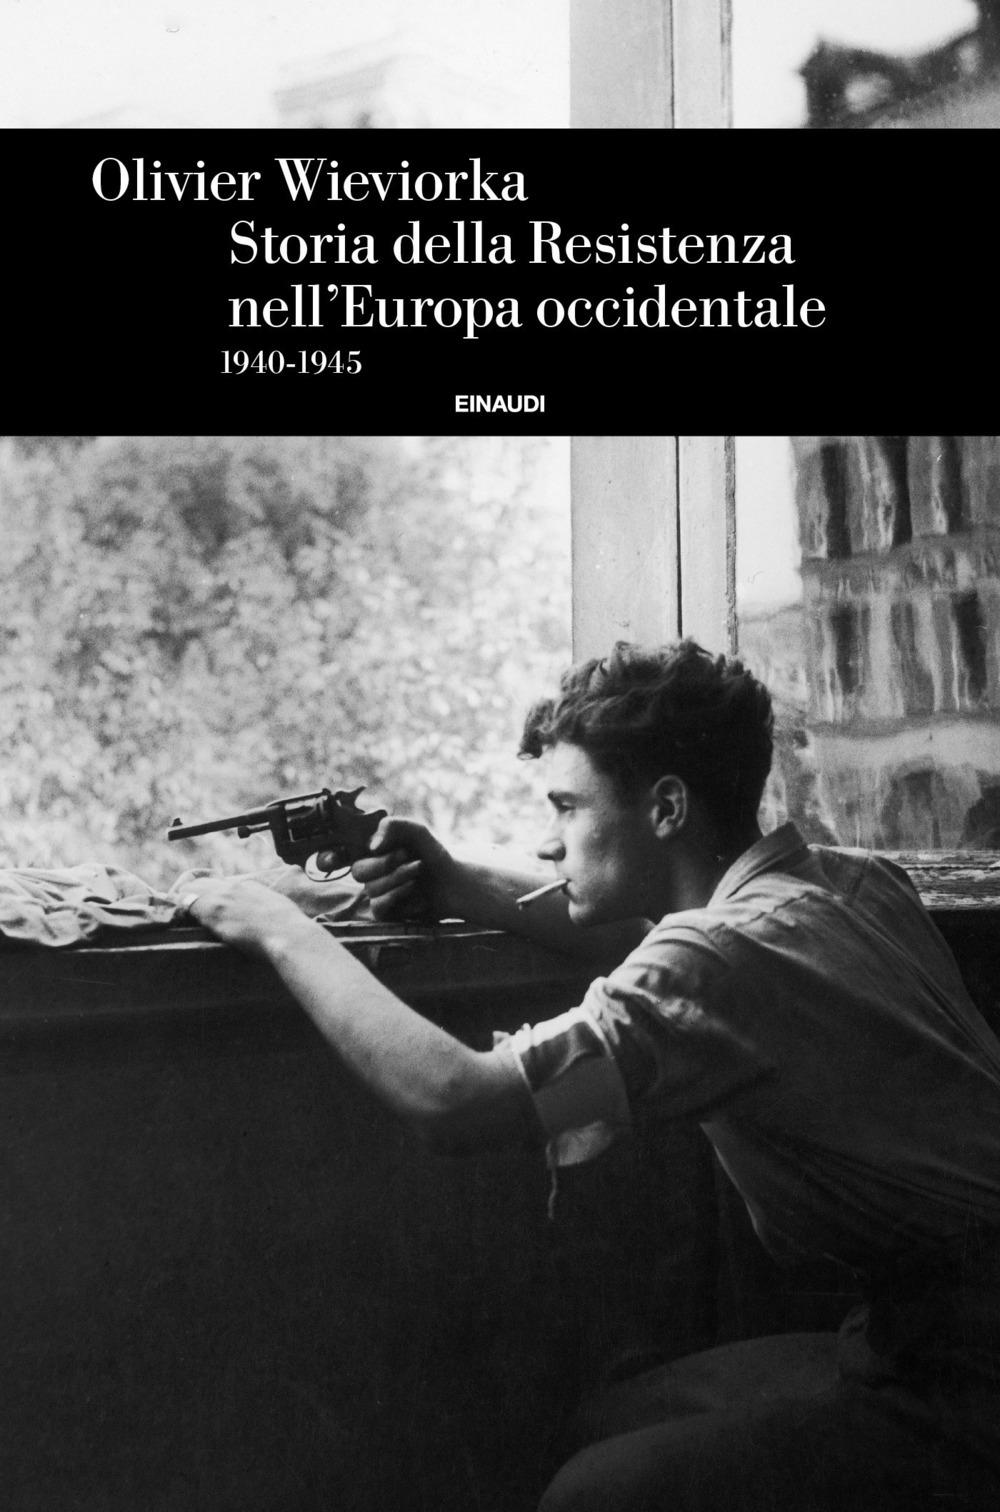 Olivier Wievorka - Storia della Resistenza nell'Europa occidentale